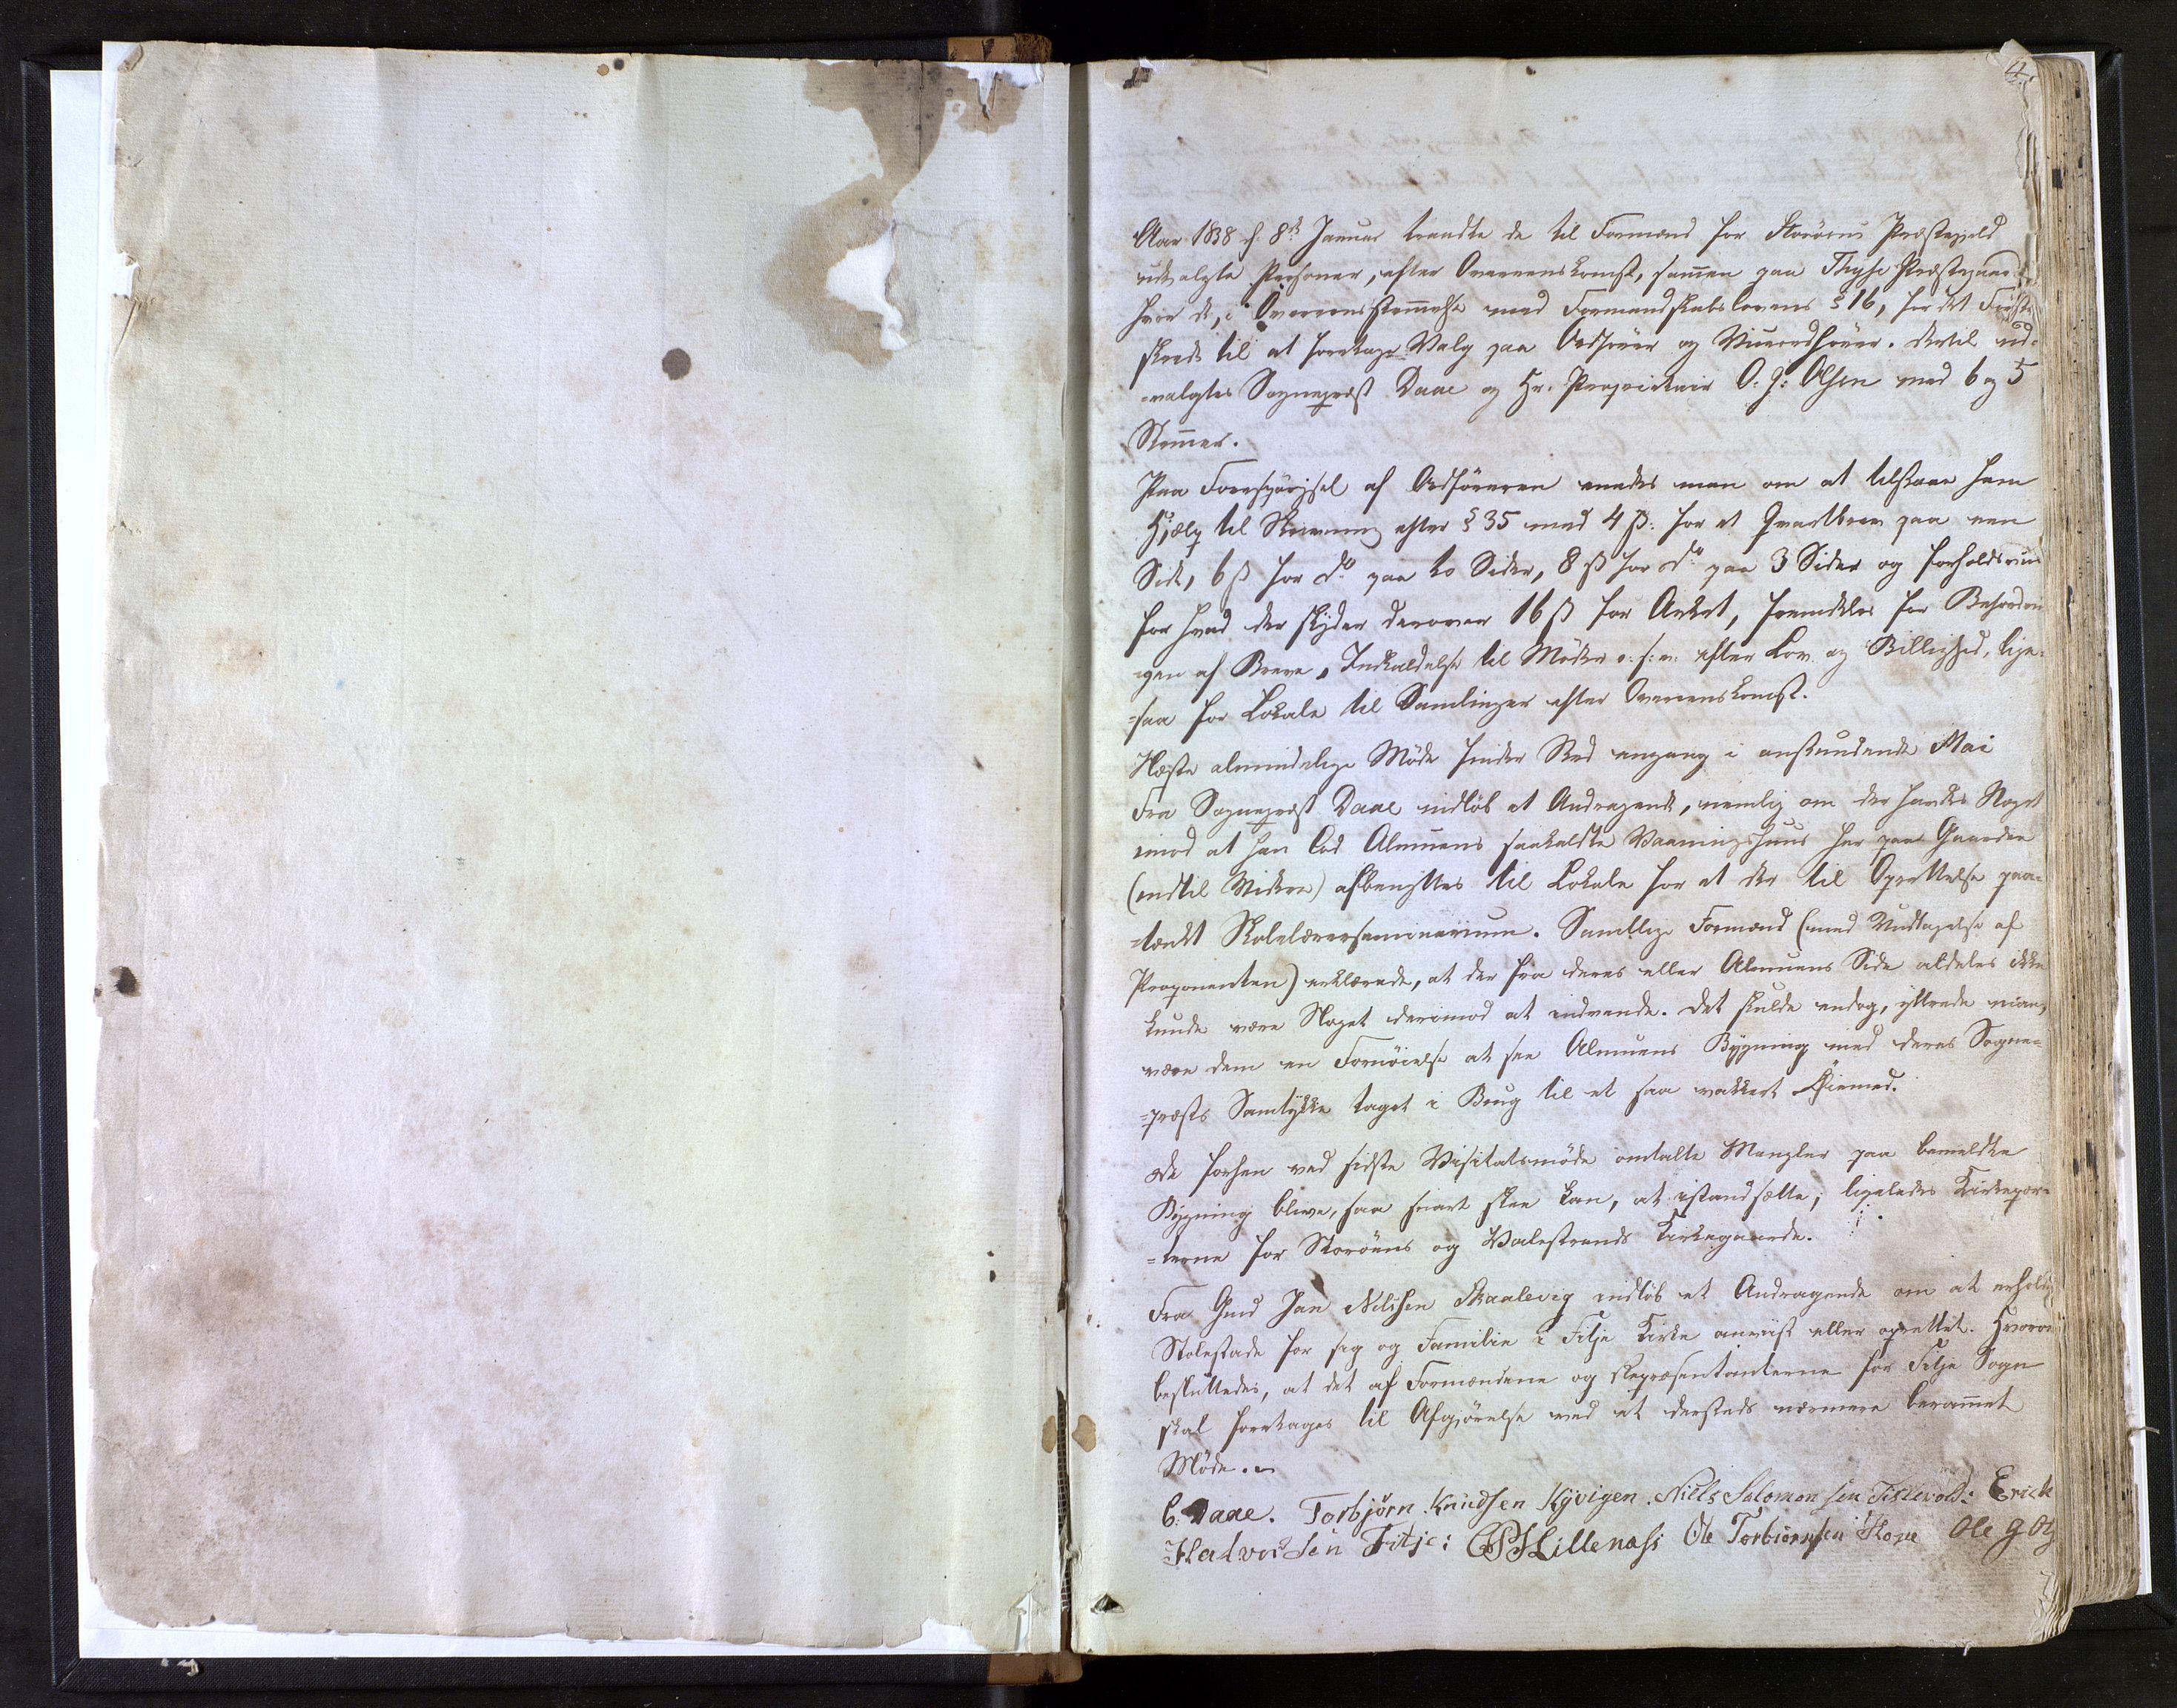 IKAH, Stord kommune. Formannskapet, A/Aa/L0001: Møtebok for formannskapet og heradstyret, 1838-1867, s. 2